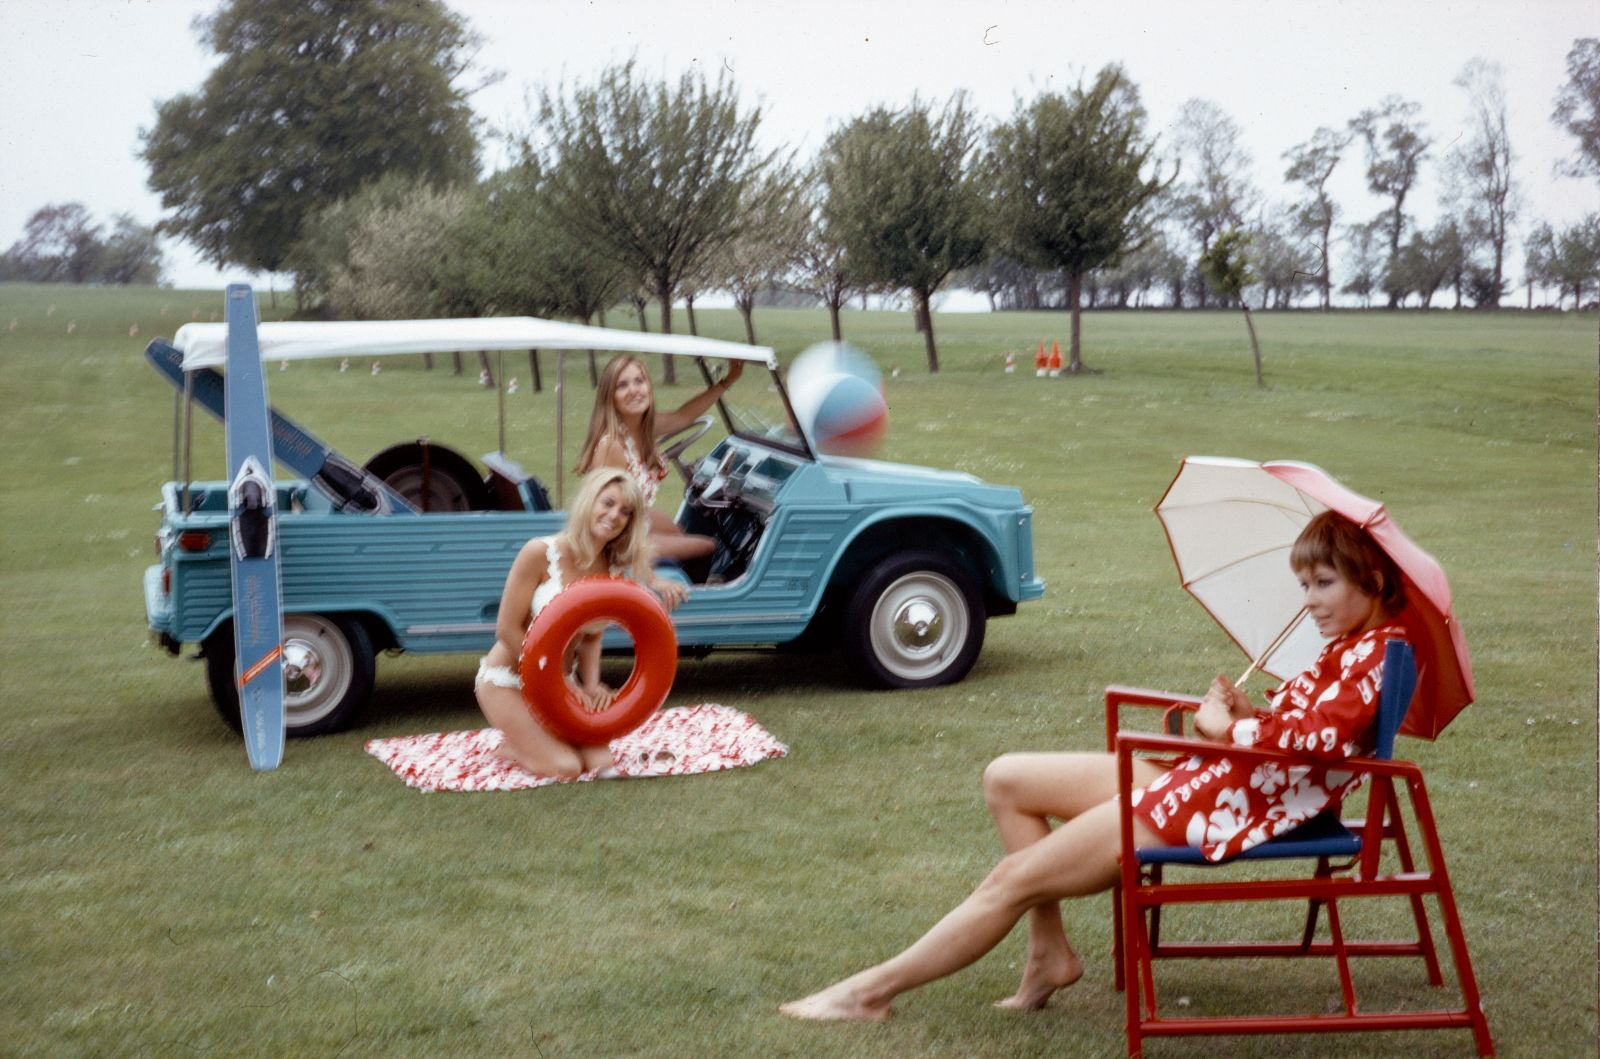 presentazione-mehari-deauville-16-maggio-1968-foto-2